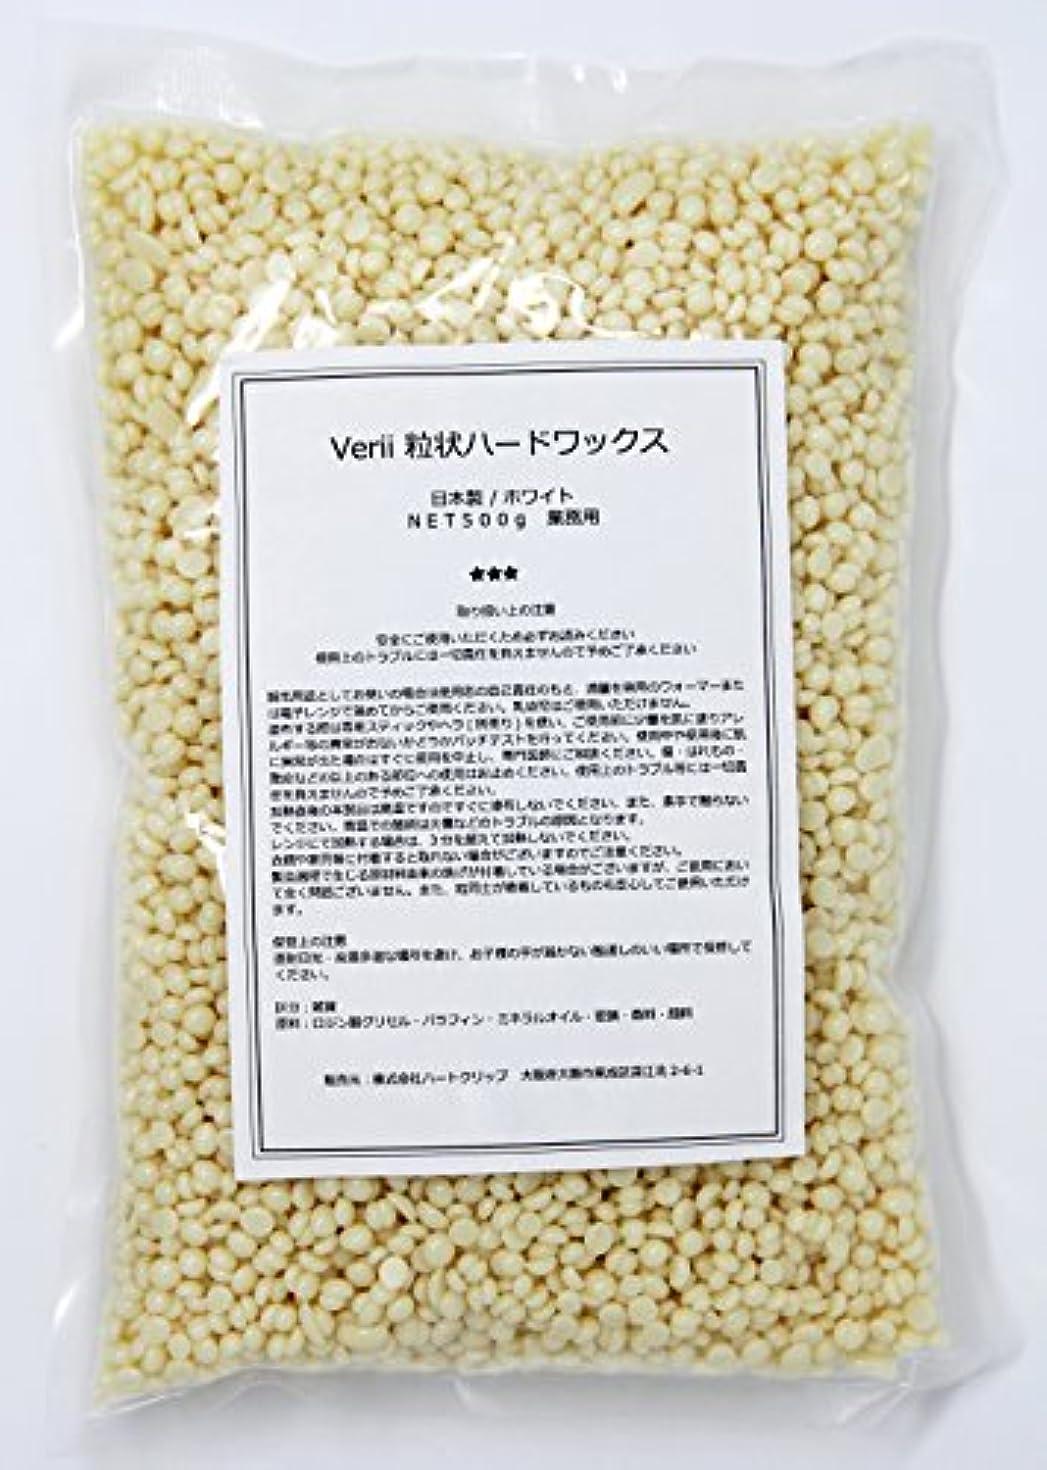 郵便番号流星キッチンVerii 【鼻毛ワックス】粒状ハードワックス ホワイト (100g)